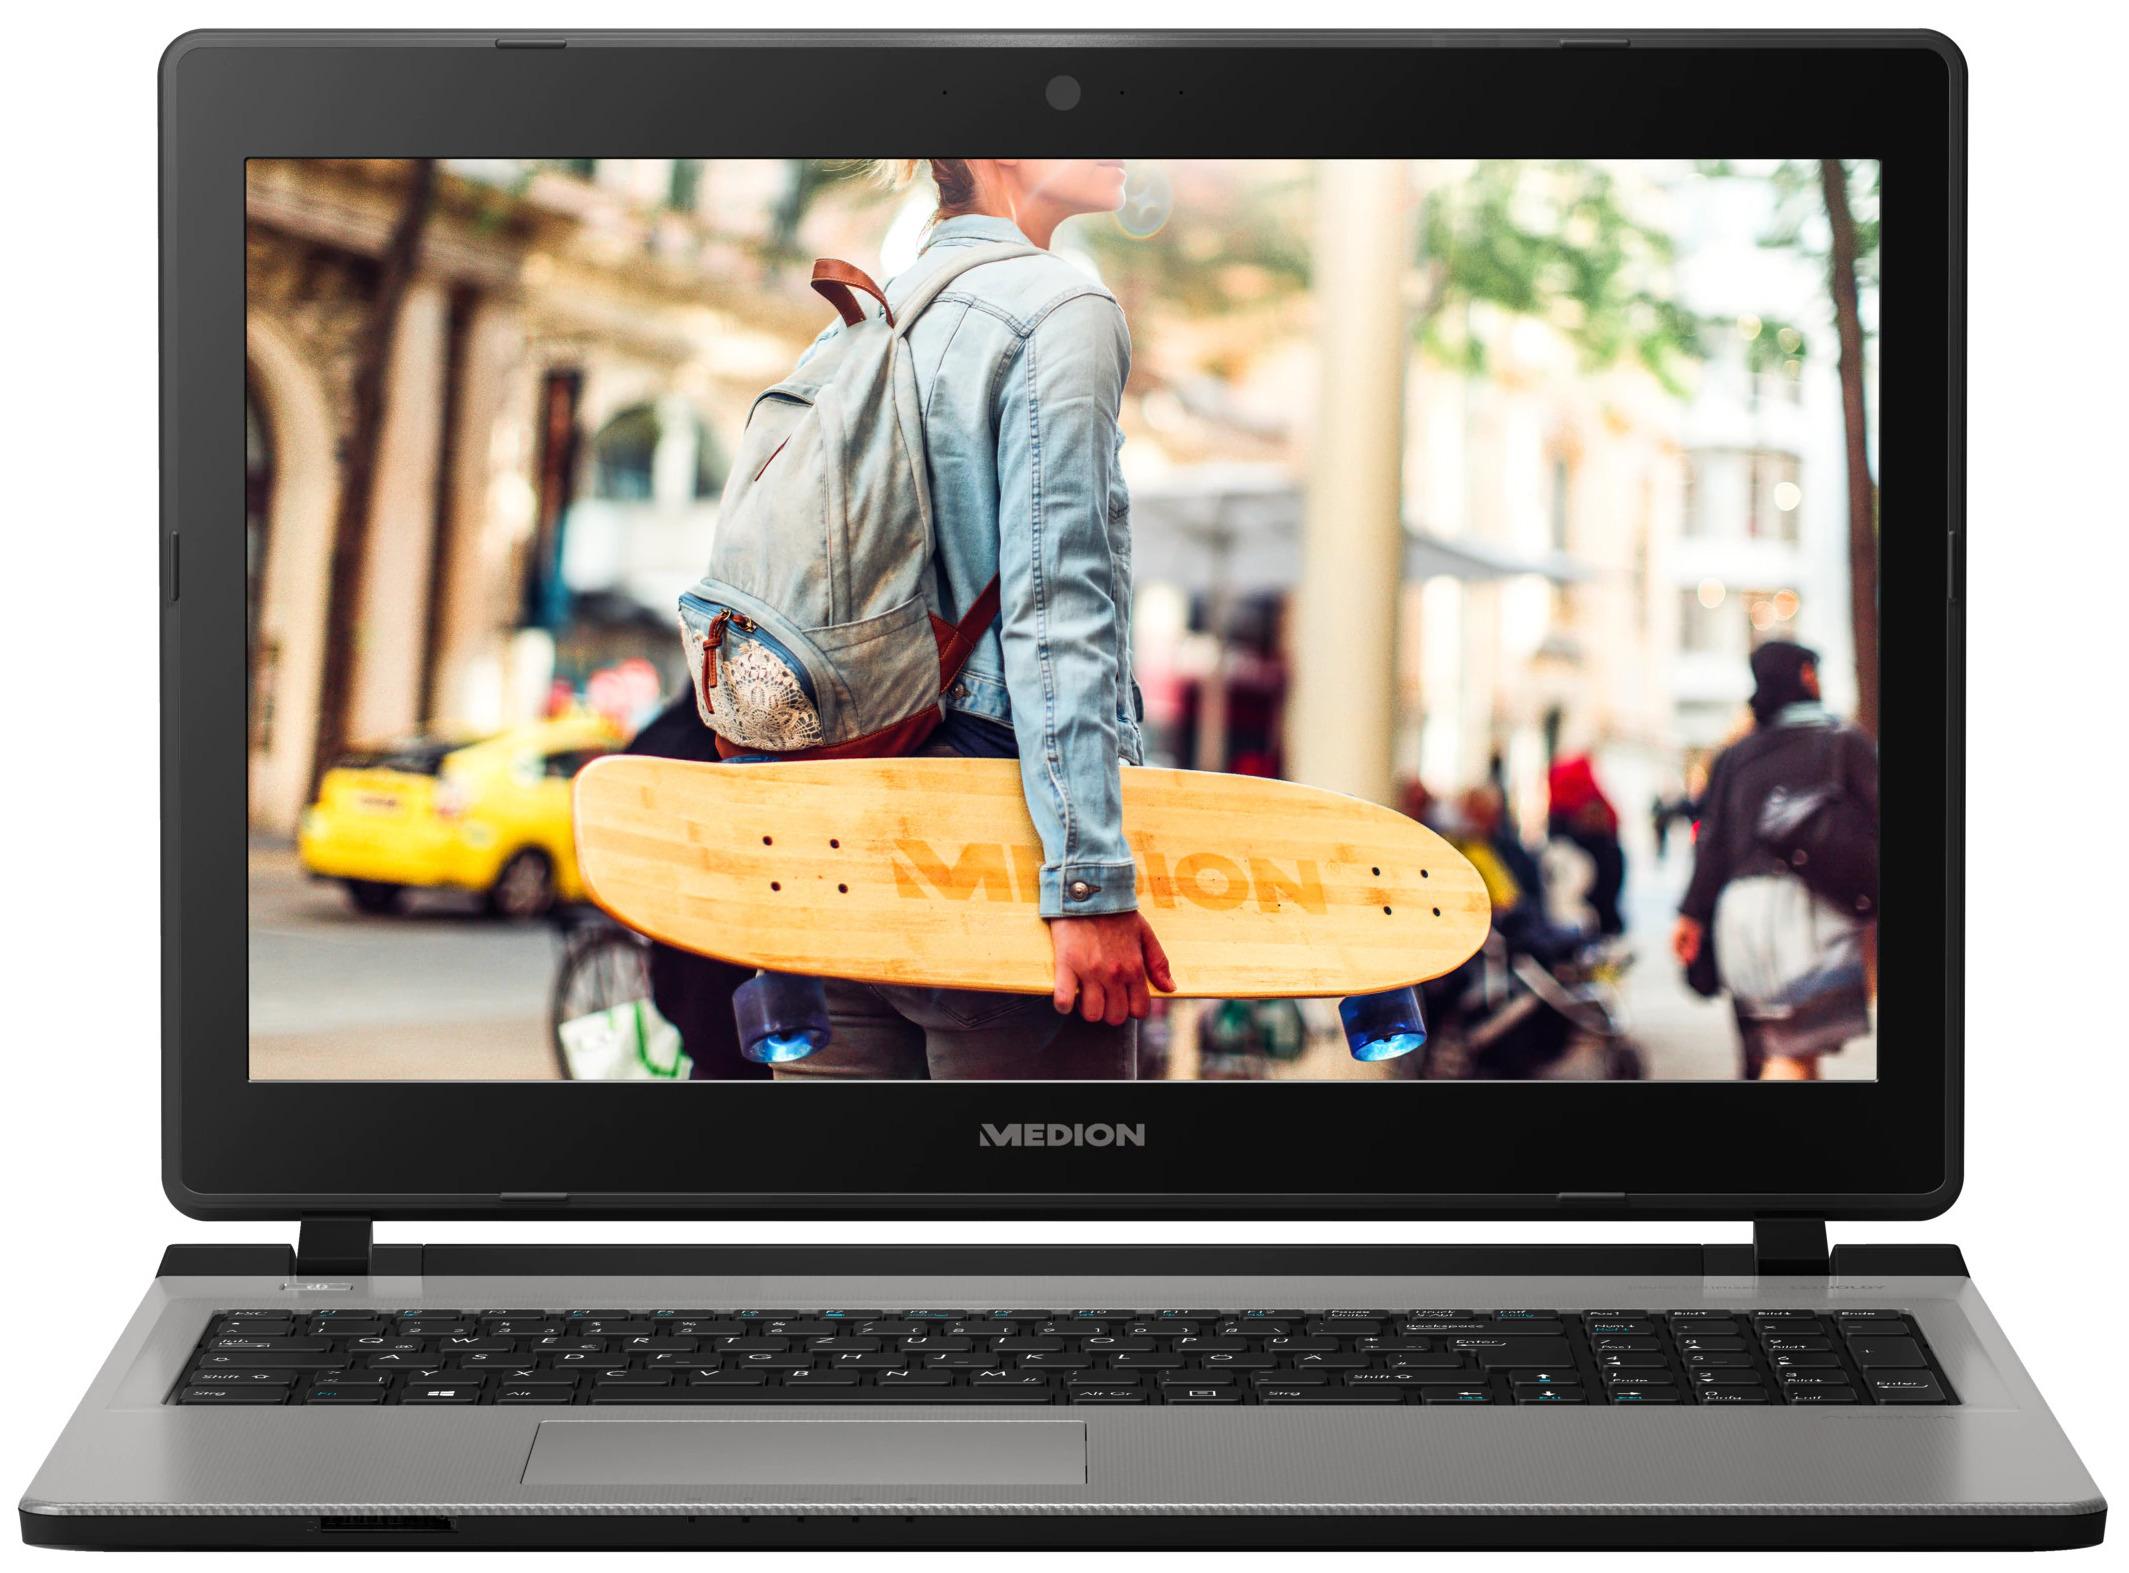 """Medion Akoya E6429 15,6"""" Notebook (FHD, Pentium 4405U, 8GB RAM, 1TB HDD, SSD nachrüstbar, 2x USB 3.0, Gb Ethernet, WLANac, Win 10 Home)"""